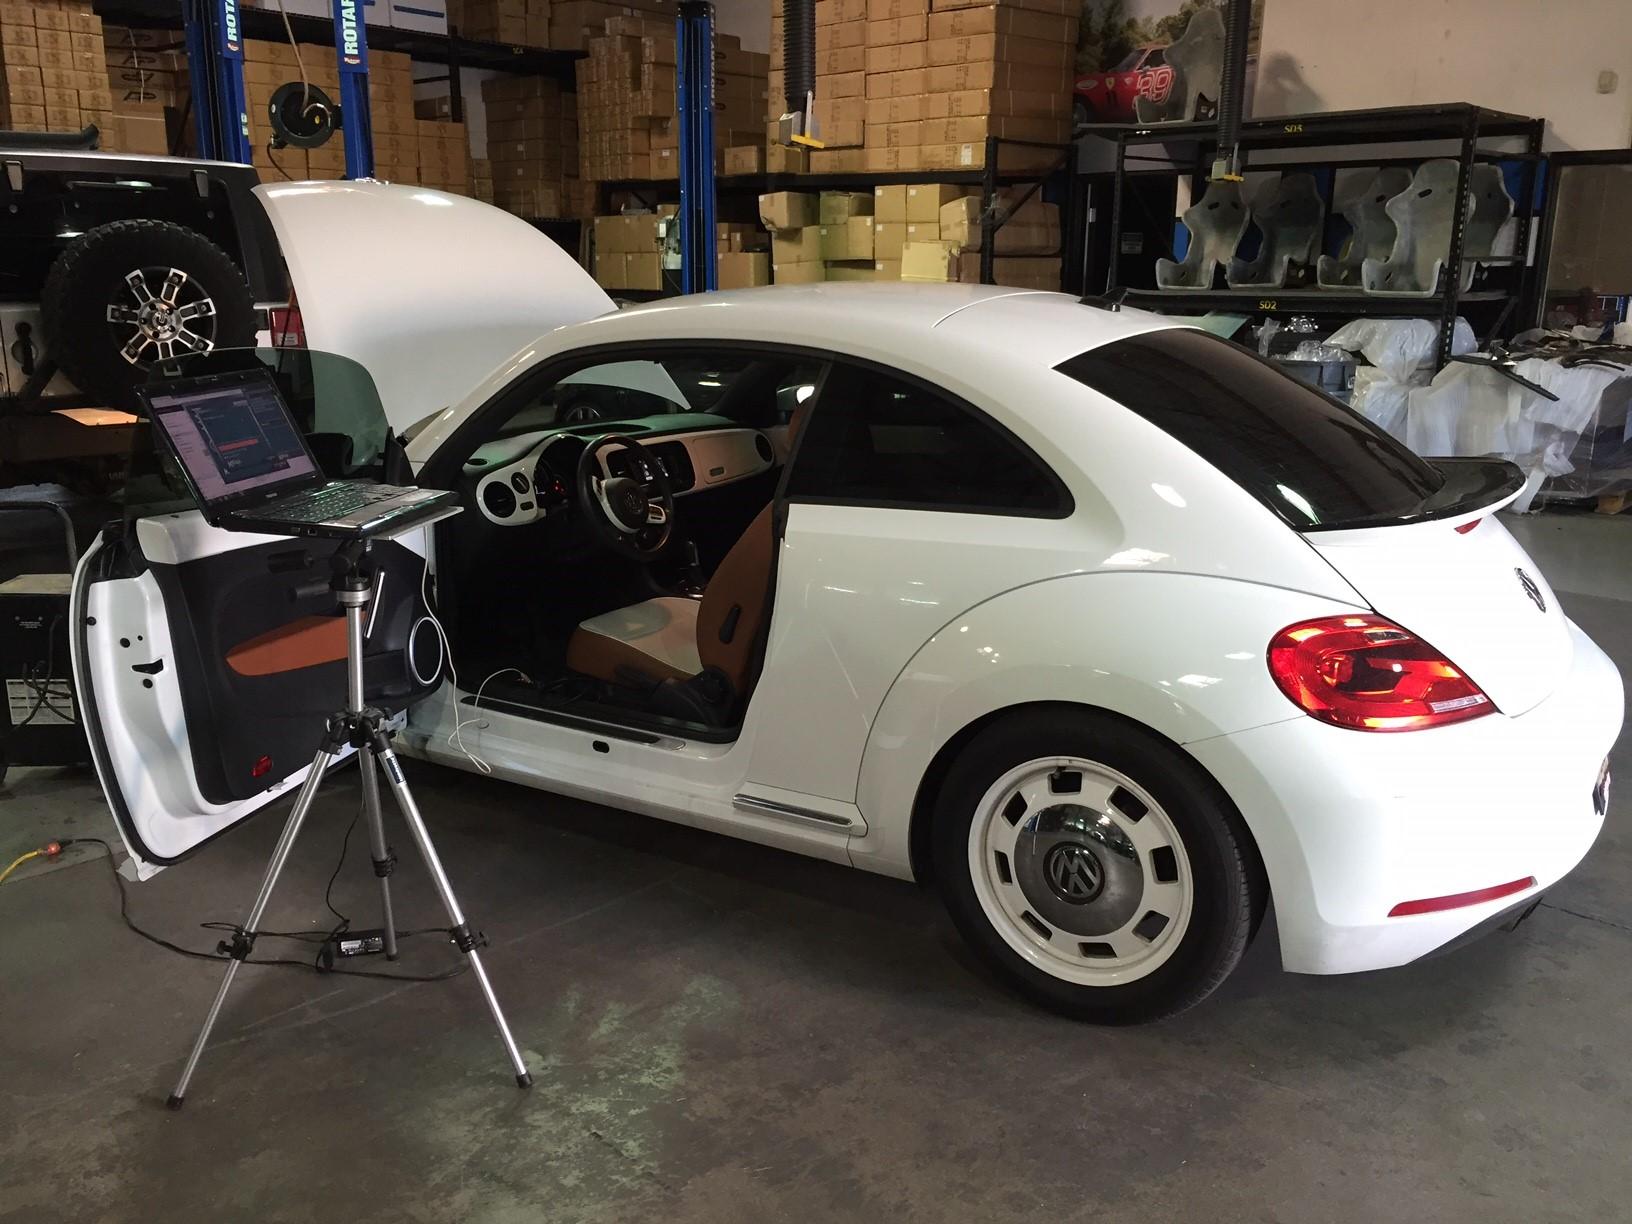 2015 volkswagen beetle 1 8t ecu flash for major gains. Black Bedroom Furniture Sets. Home Design Ideas